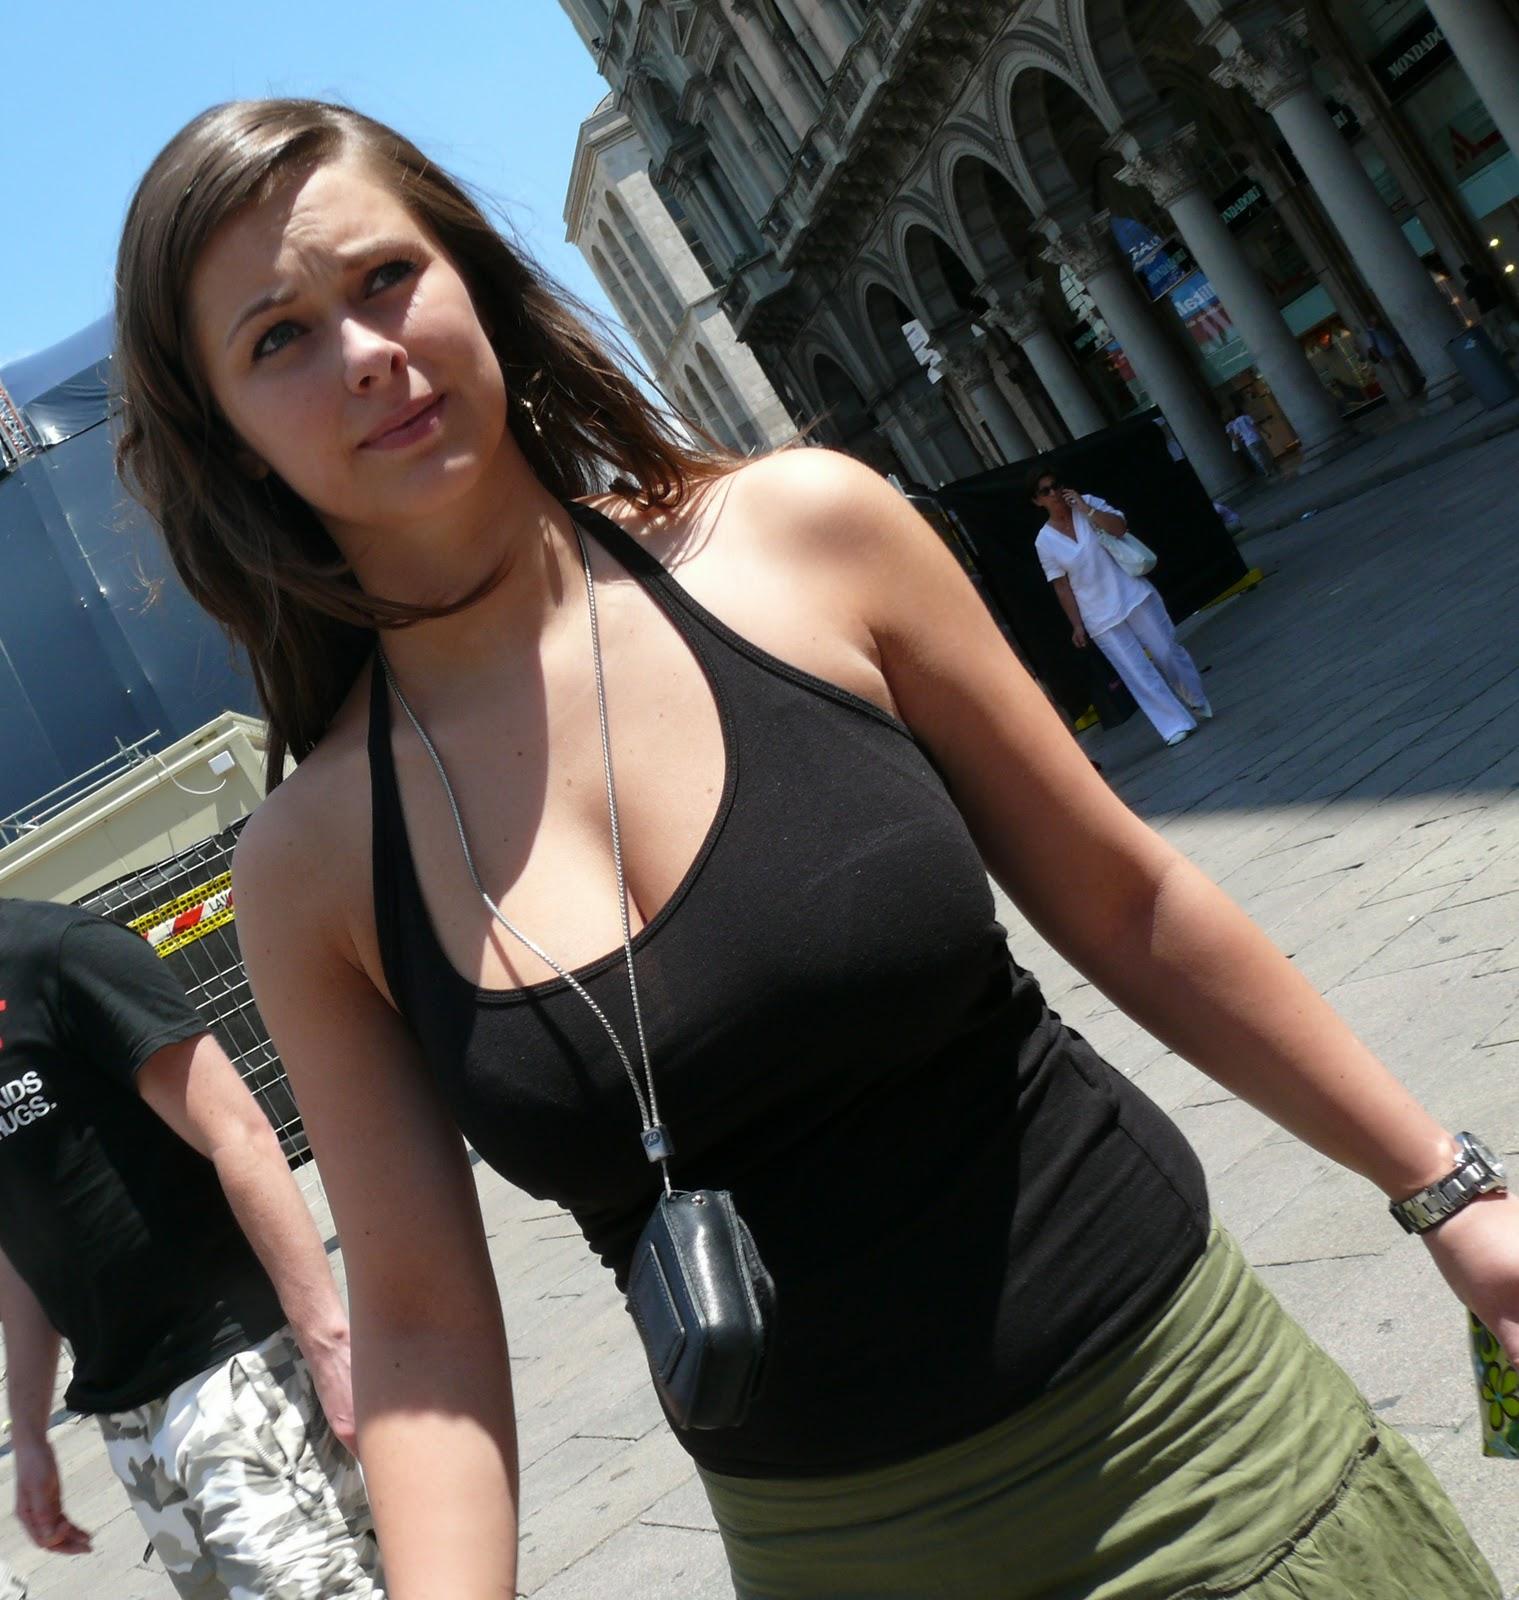 Alex tanner porn